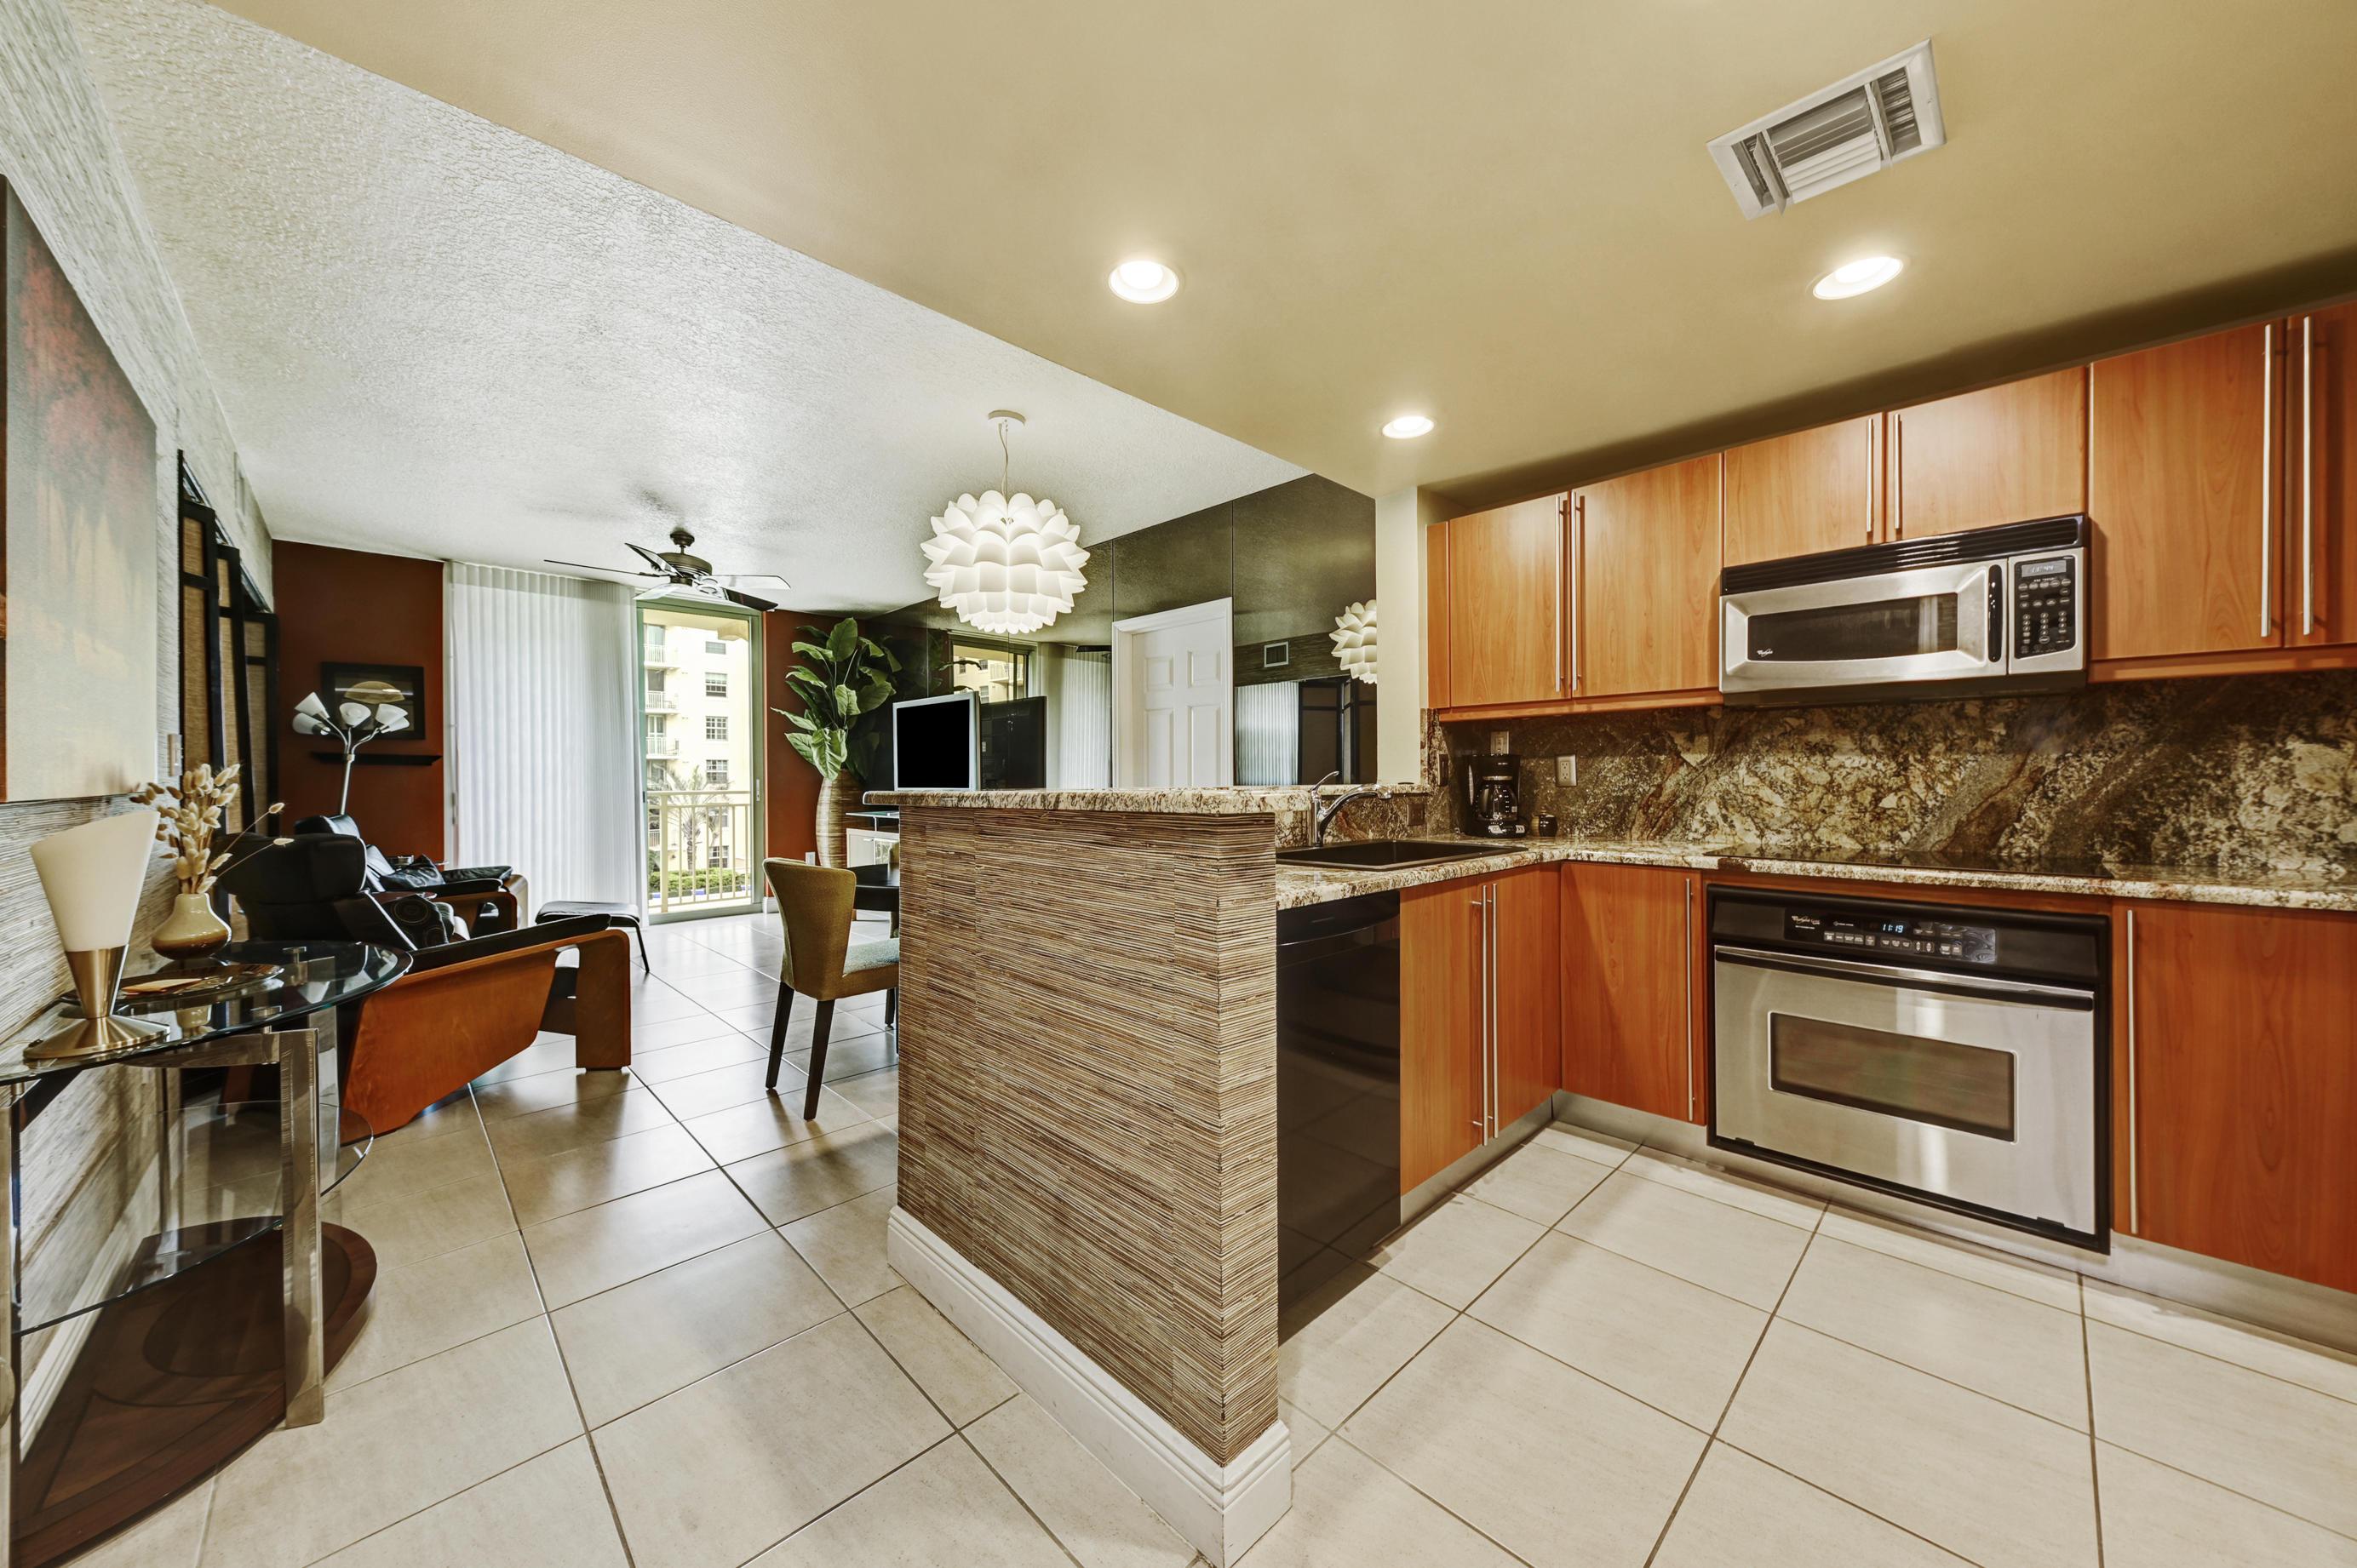 610 Clematis Street 407 West Palm Beach, FL 33401